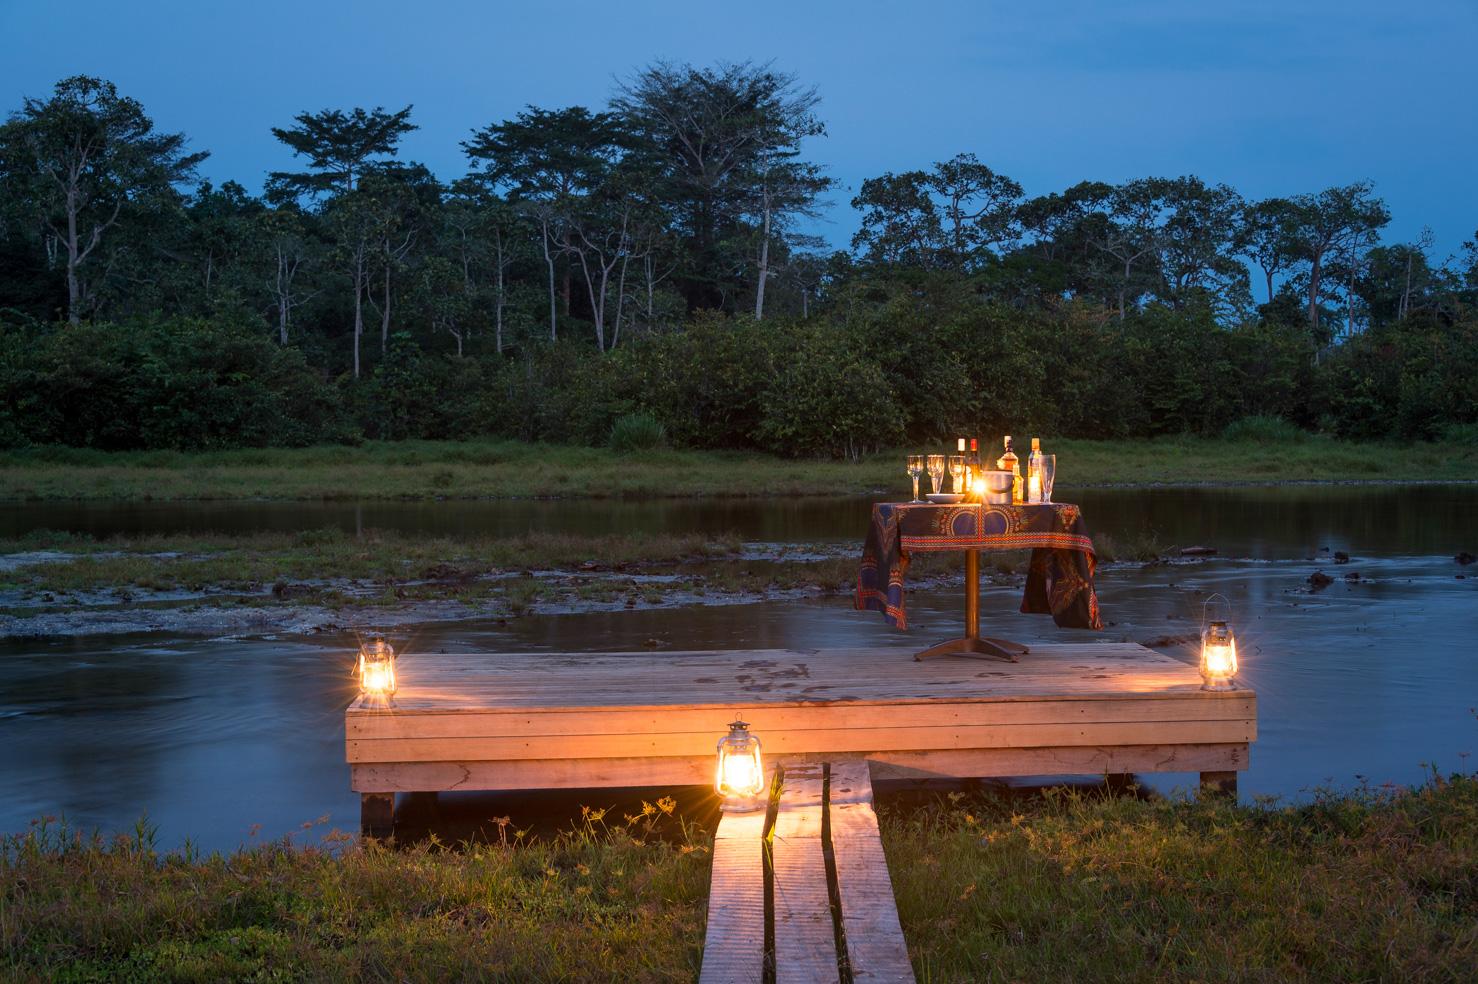 Le Congo veut désormais diversifier son économie en jouant la carte du tourisme